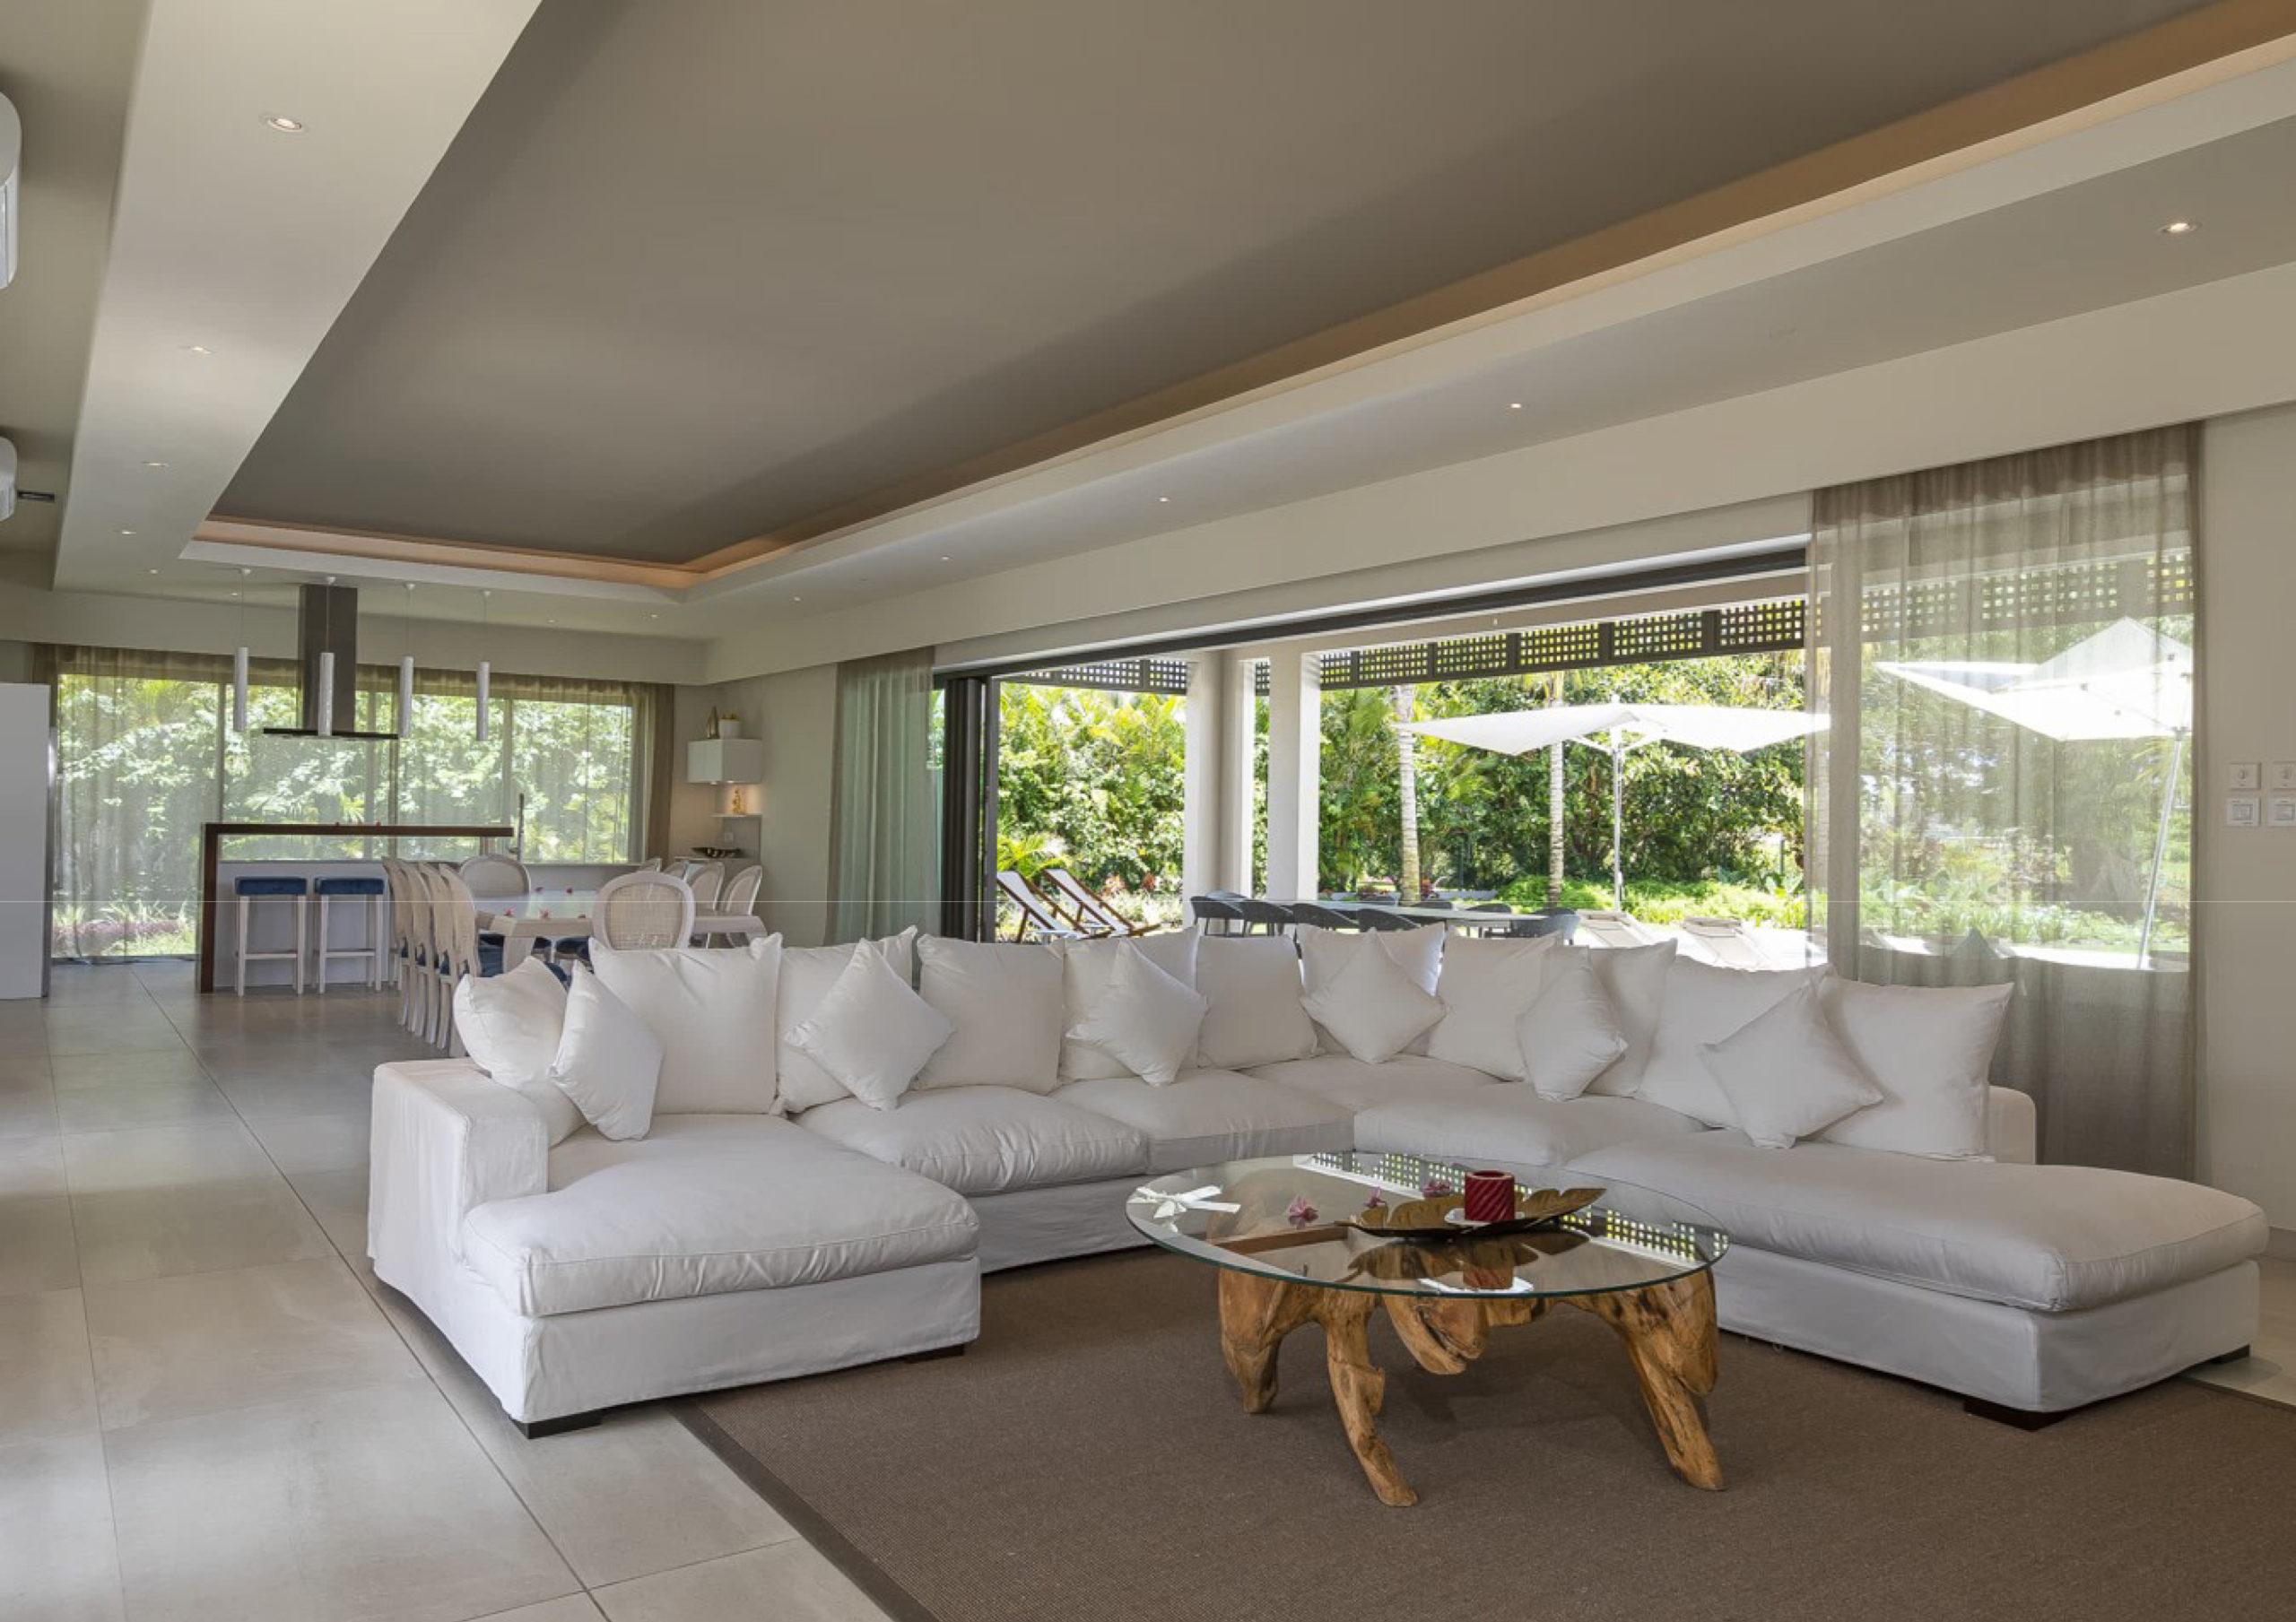 Magnifique villa de luxe IRS à Anahita. Villa contemporaine d'une superficie 400 m² sur un terrain de 2003 m².